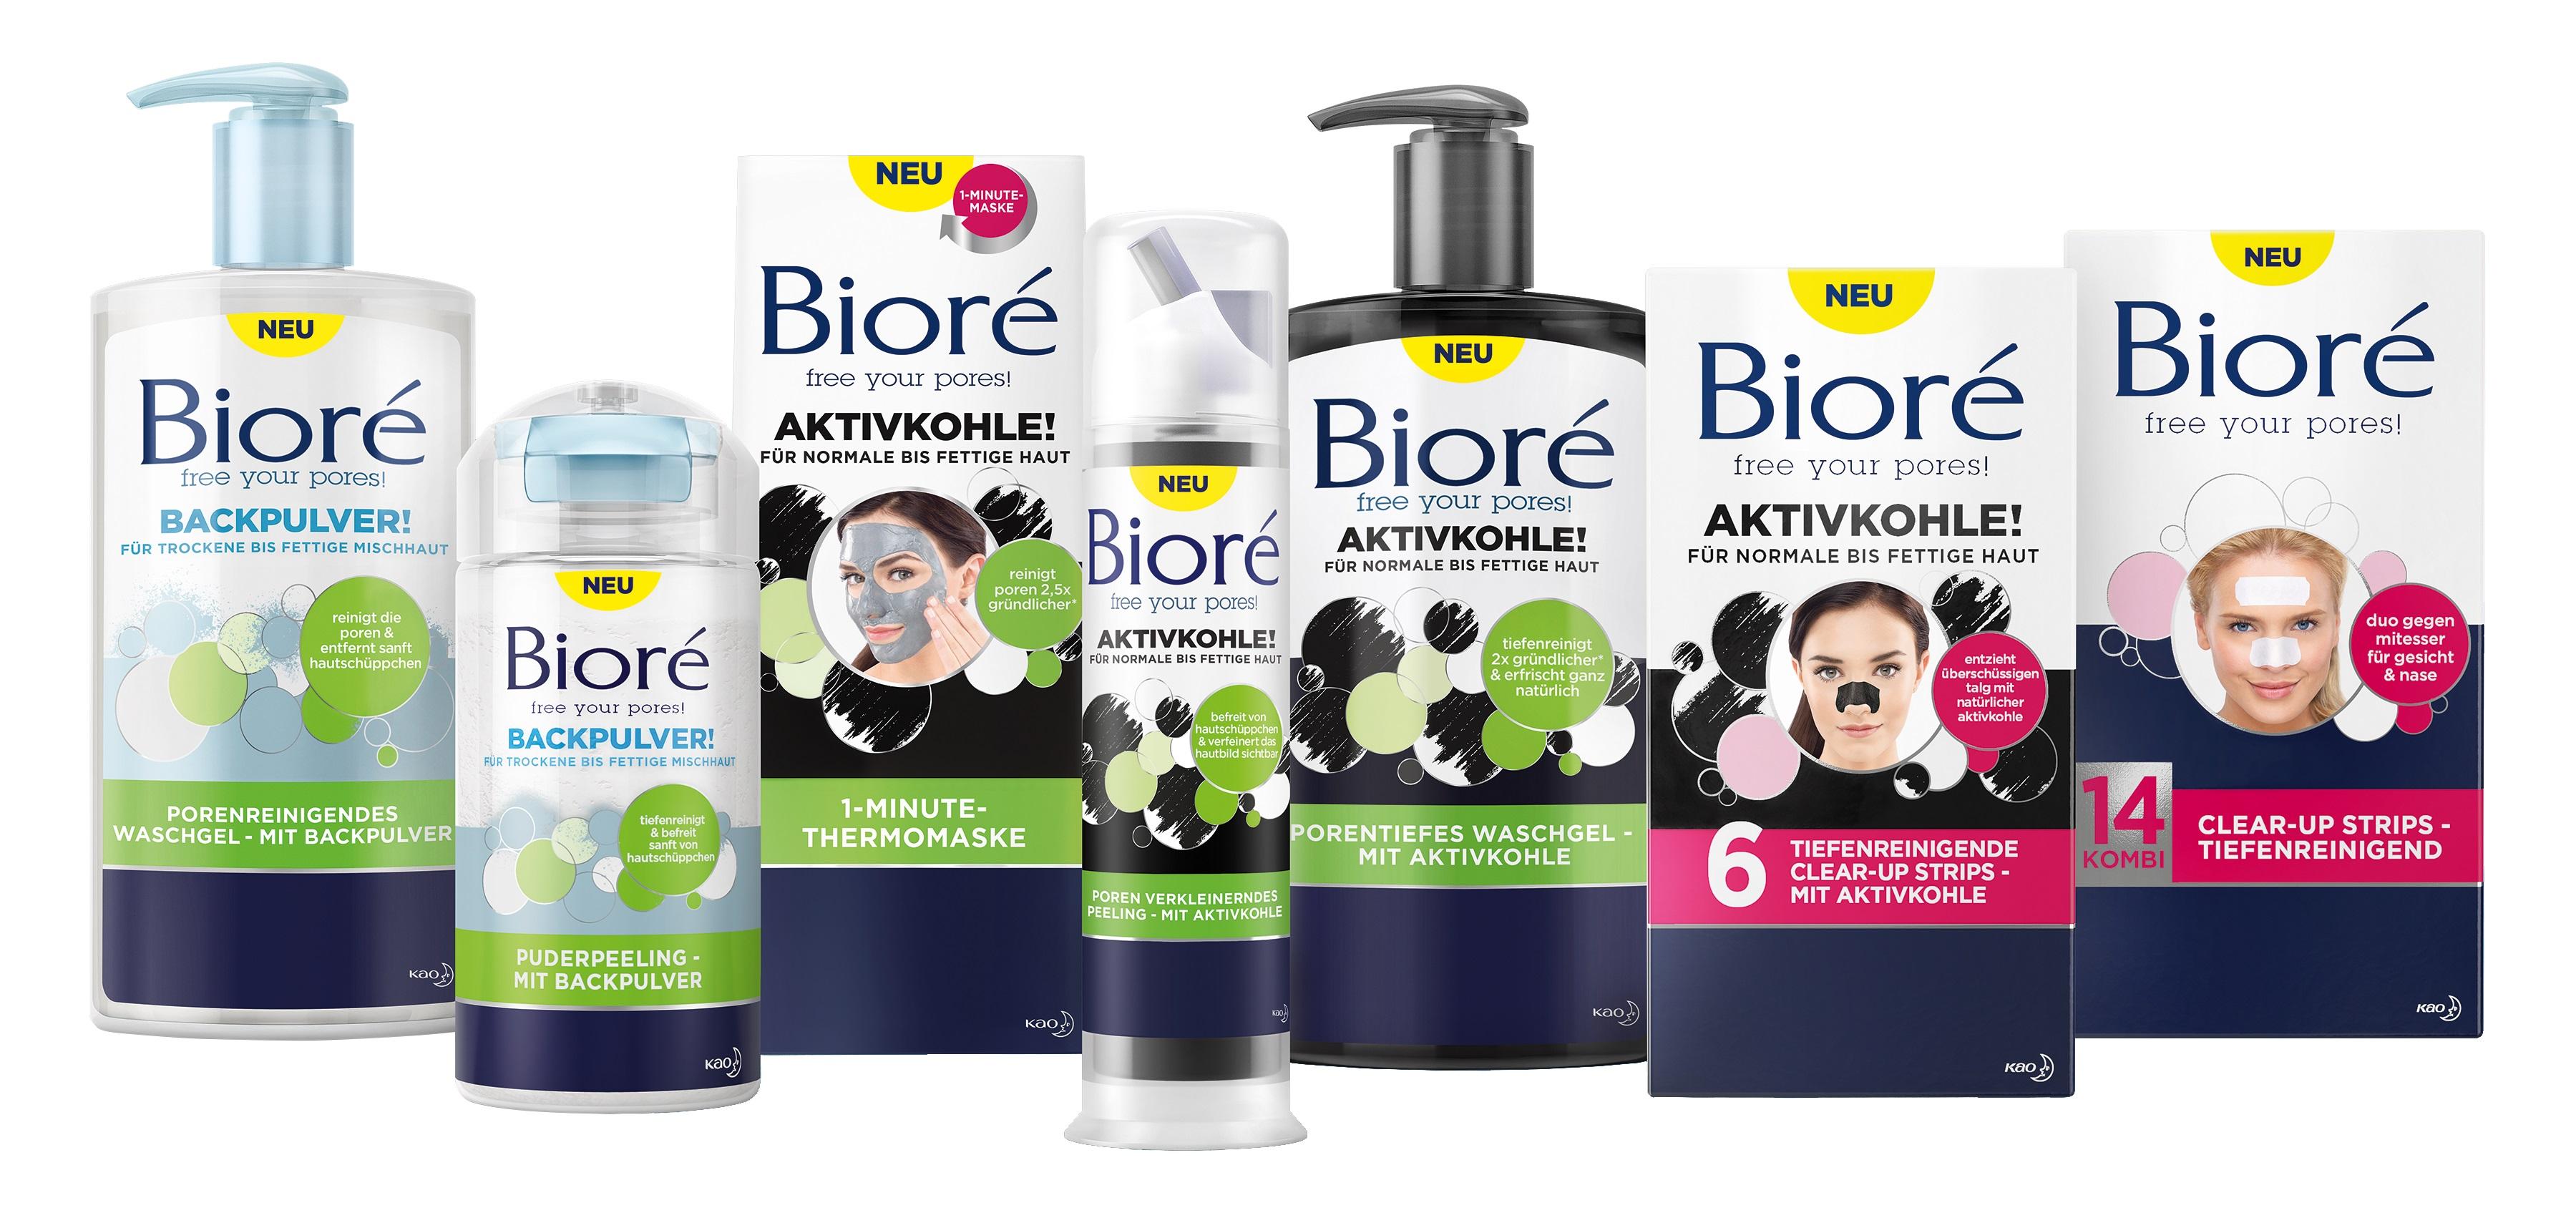 Alle Bioré Produkte Bioré Erfahrungen Aktivkohle Maske und Waschgel sowie Backpulver gegen Haut Unreinheiten große Poren und Pickel bei dm kaufen und testen